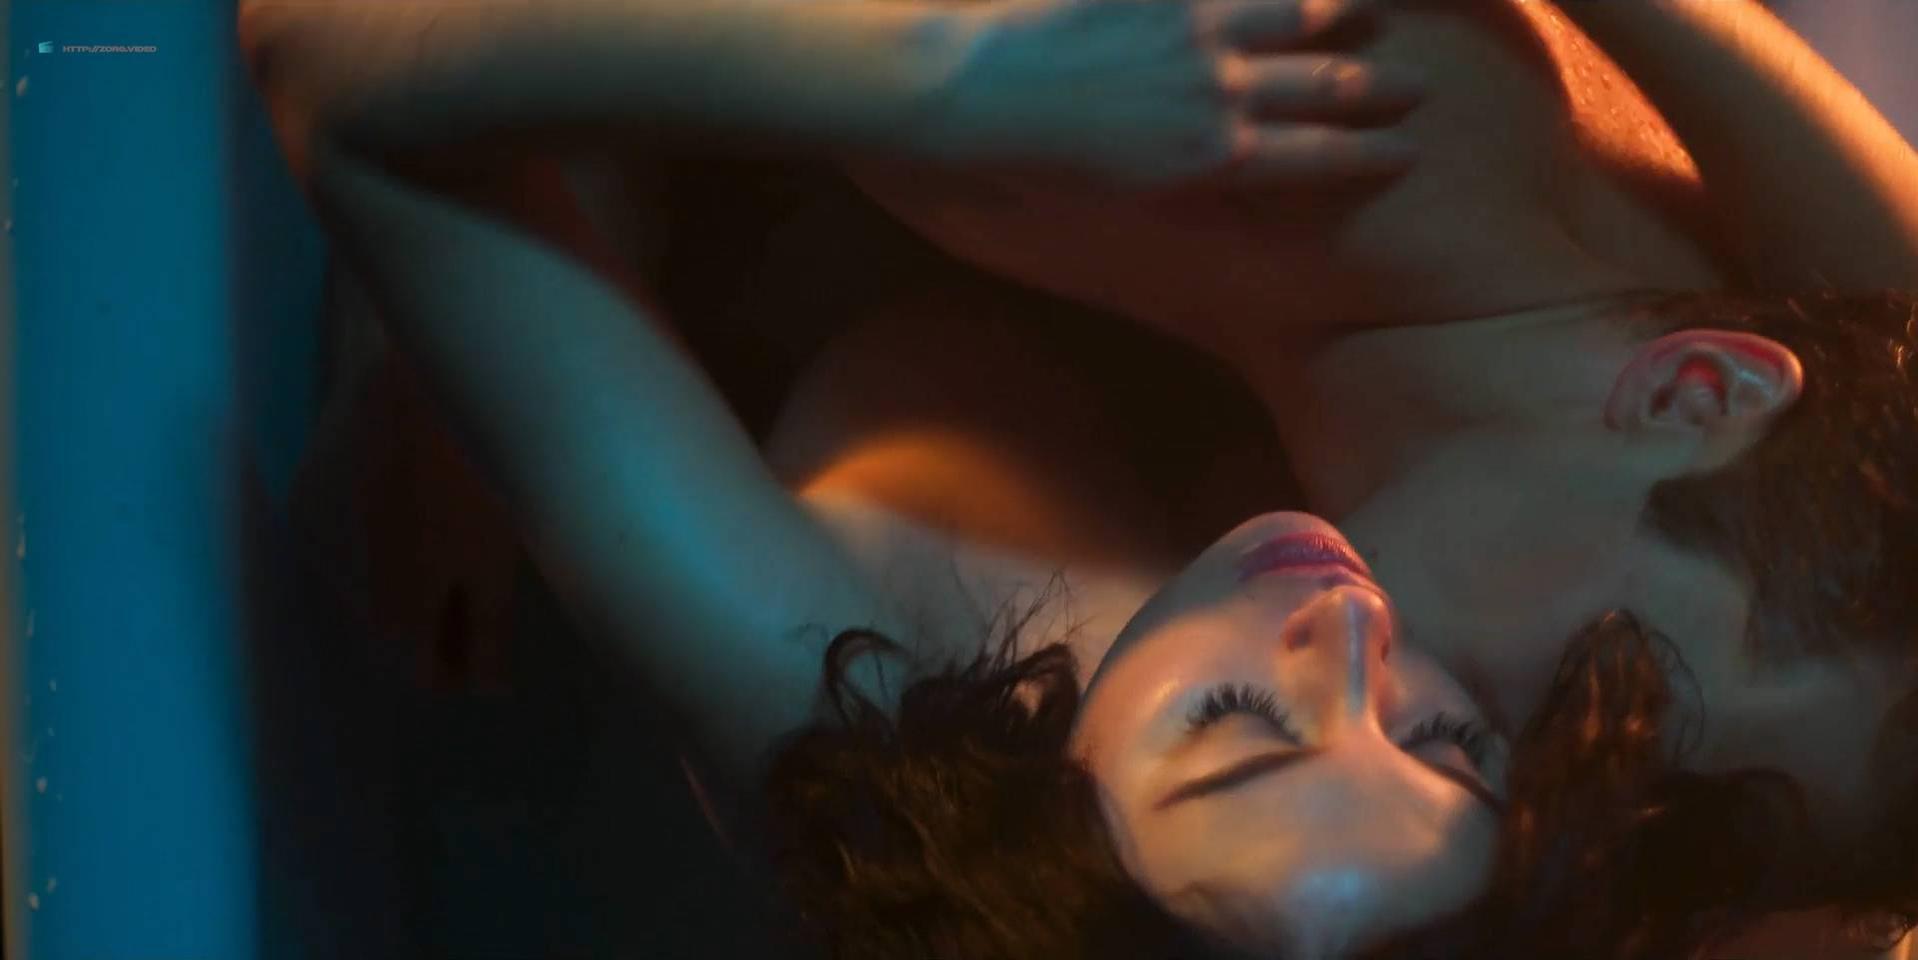 Blanca Suarez nude, Ana Polvorosa nude - Cable Girls s01 (2017)